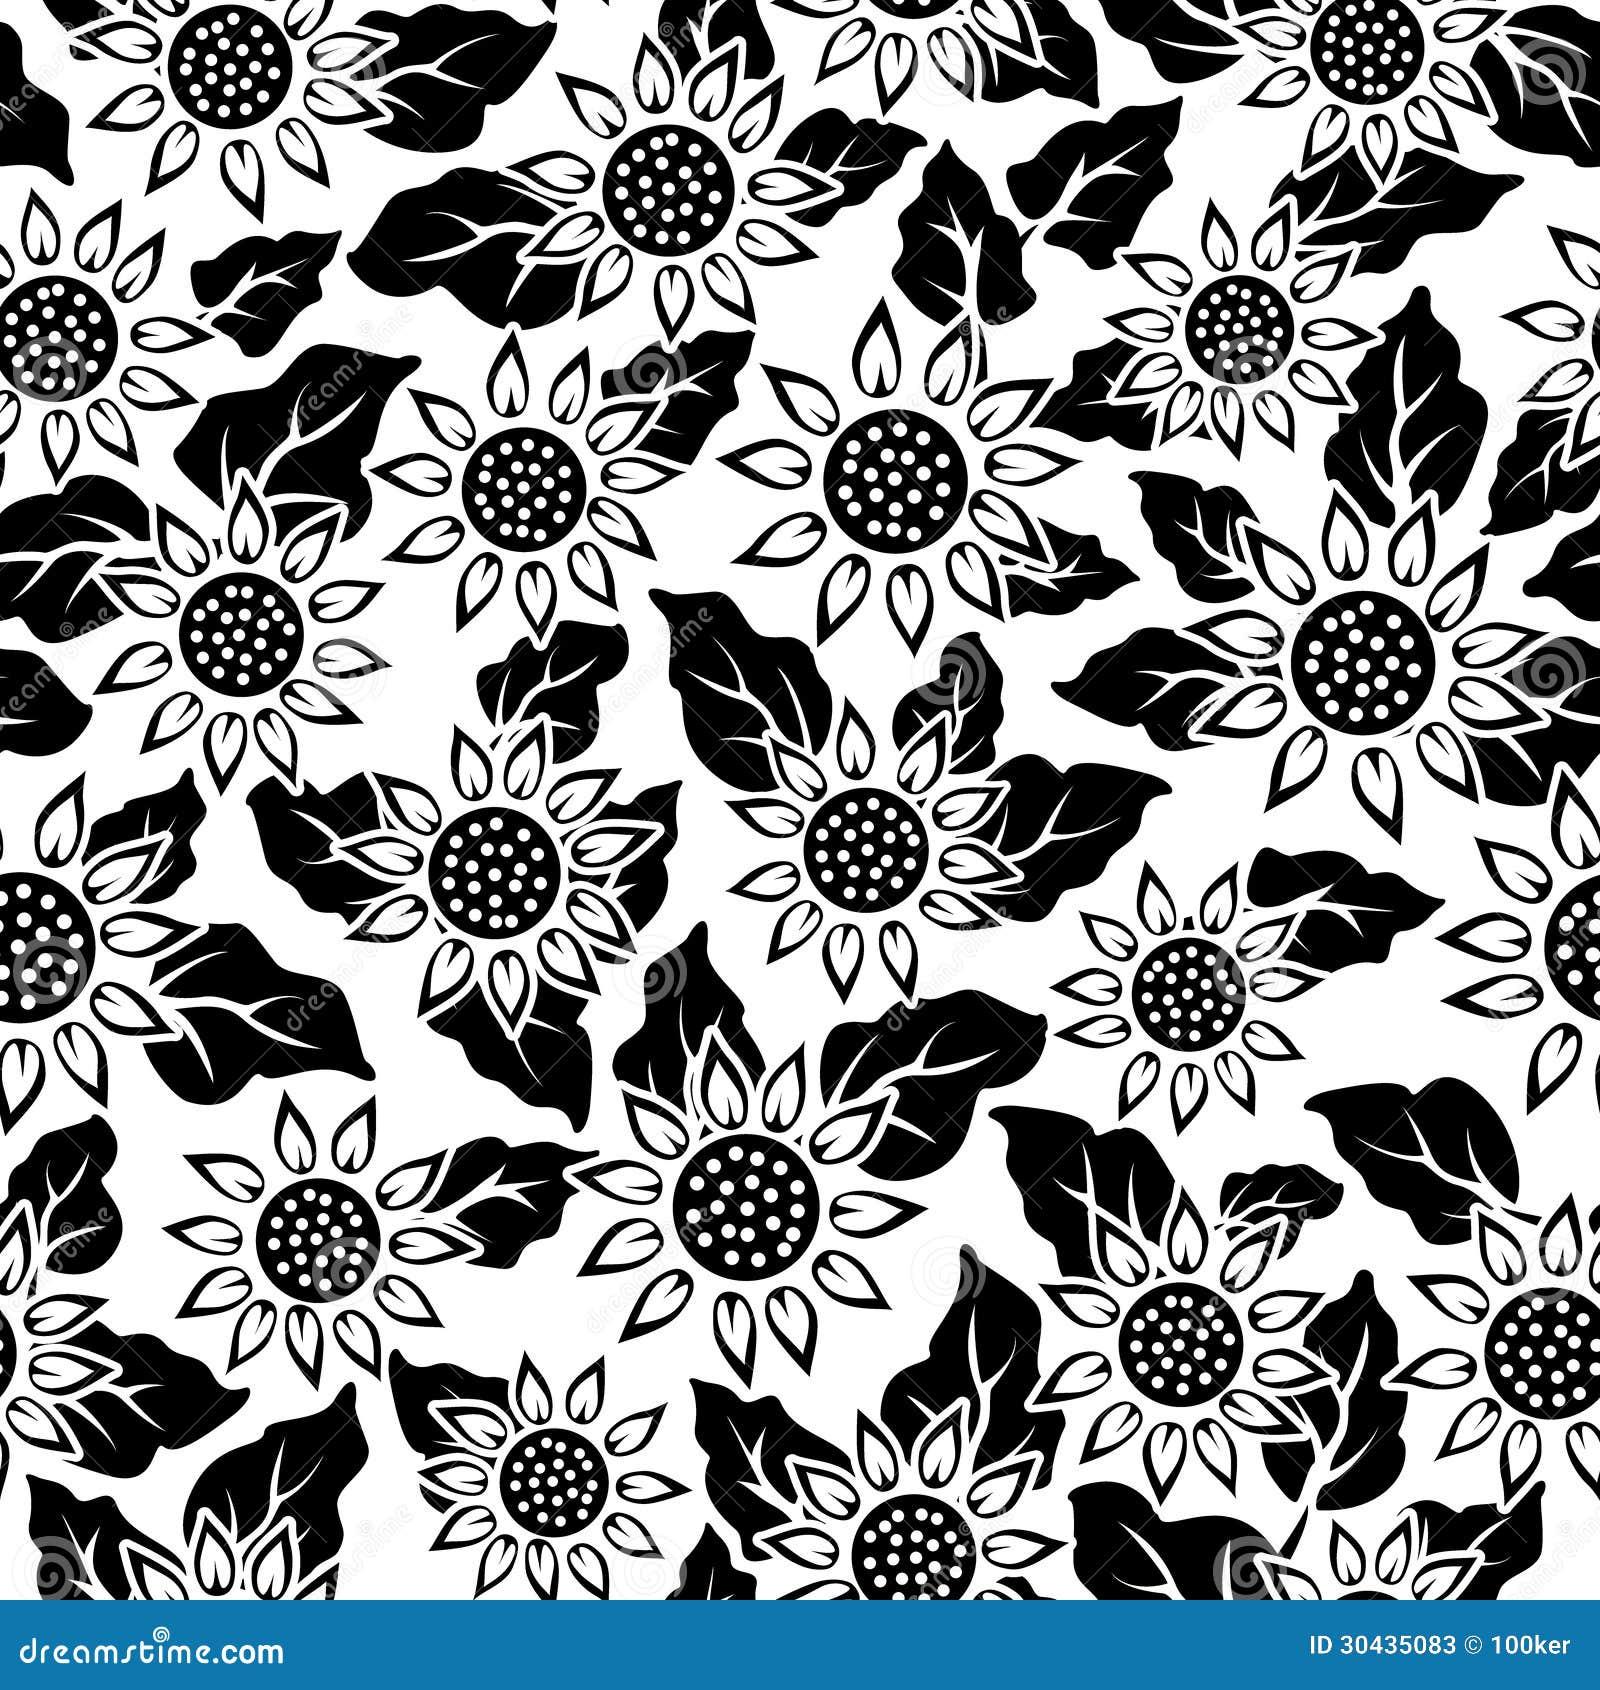 Sunflower Flower Black Isolated Seamless